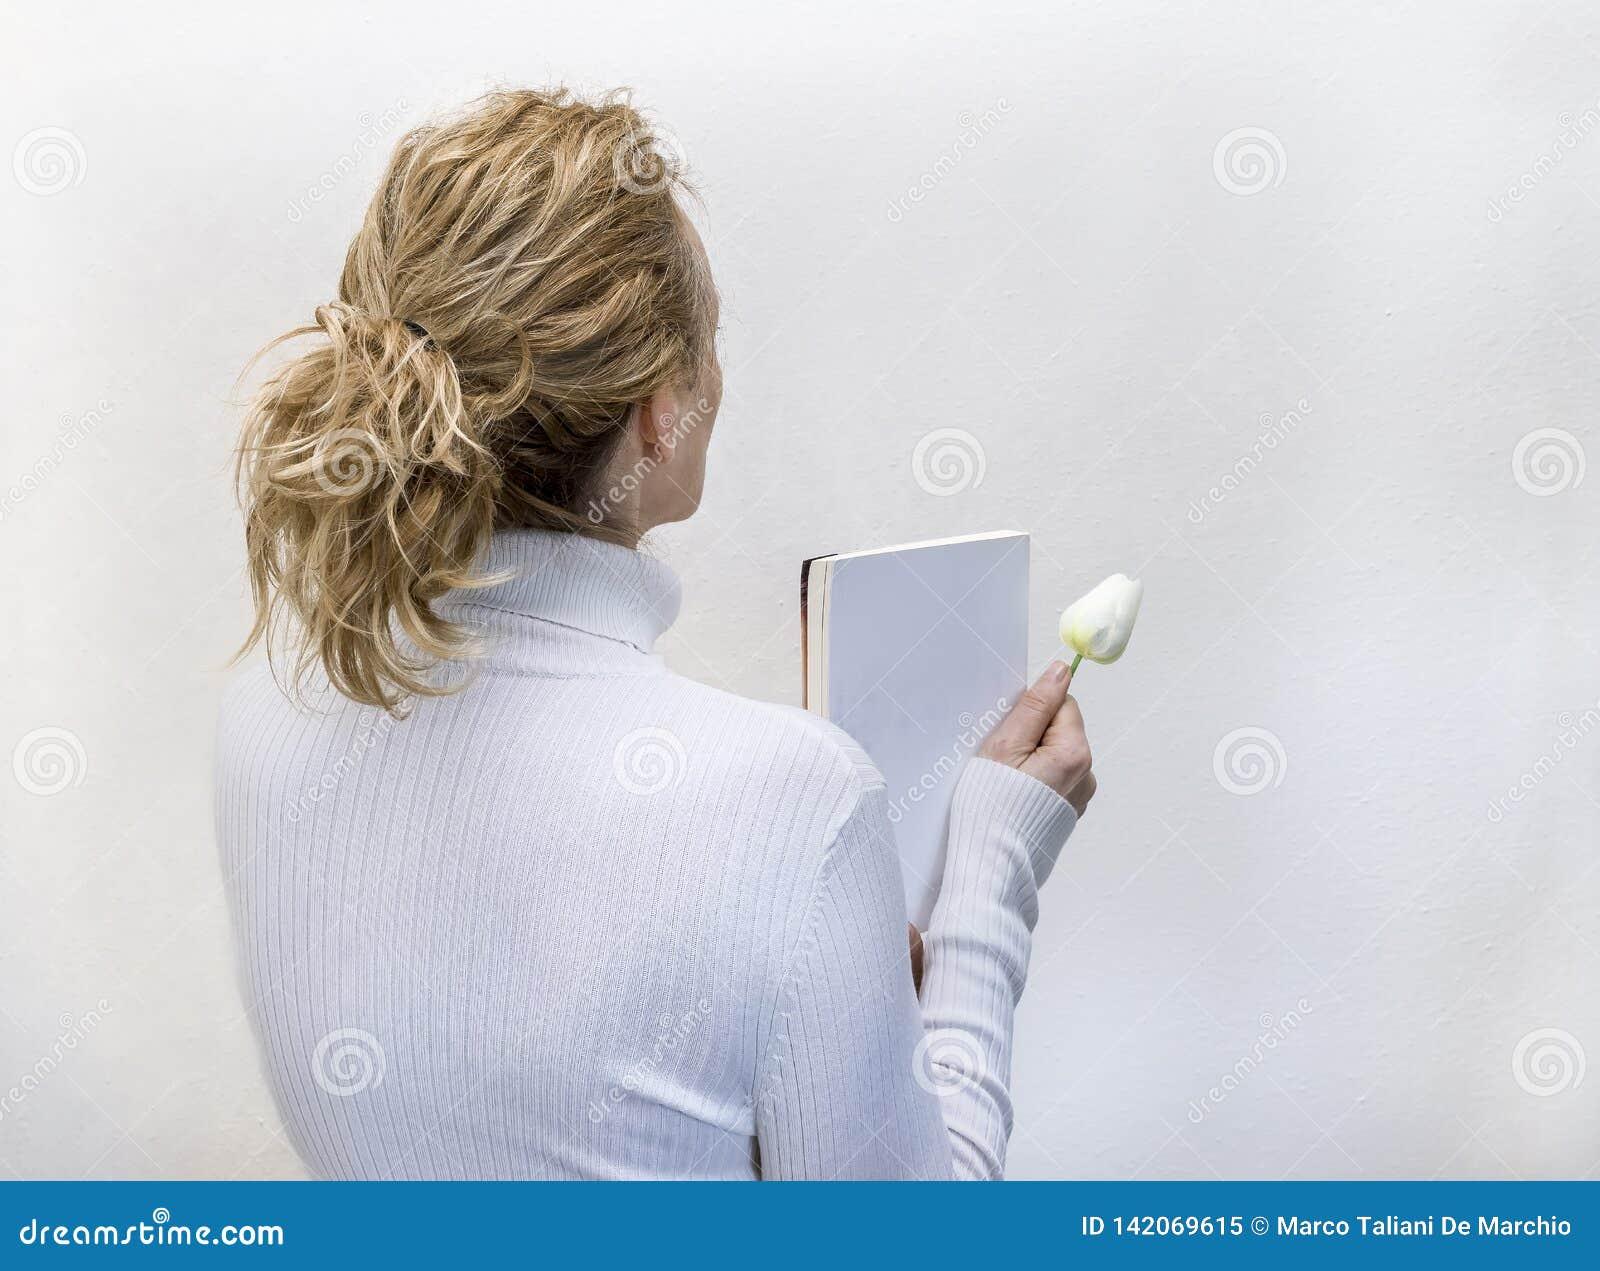 De blonde vrouw kleedde zich in wit die een boek en een witte bloem houden tegen een volledig witte achtergrond